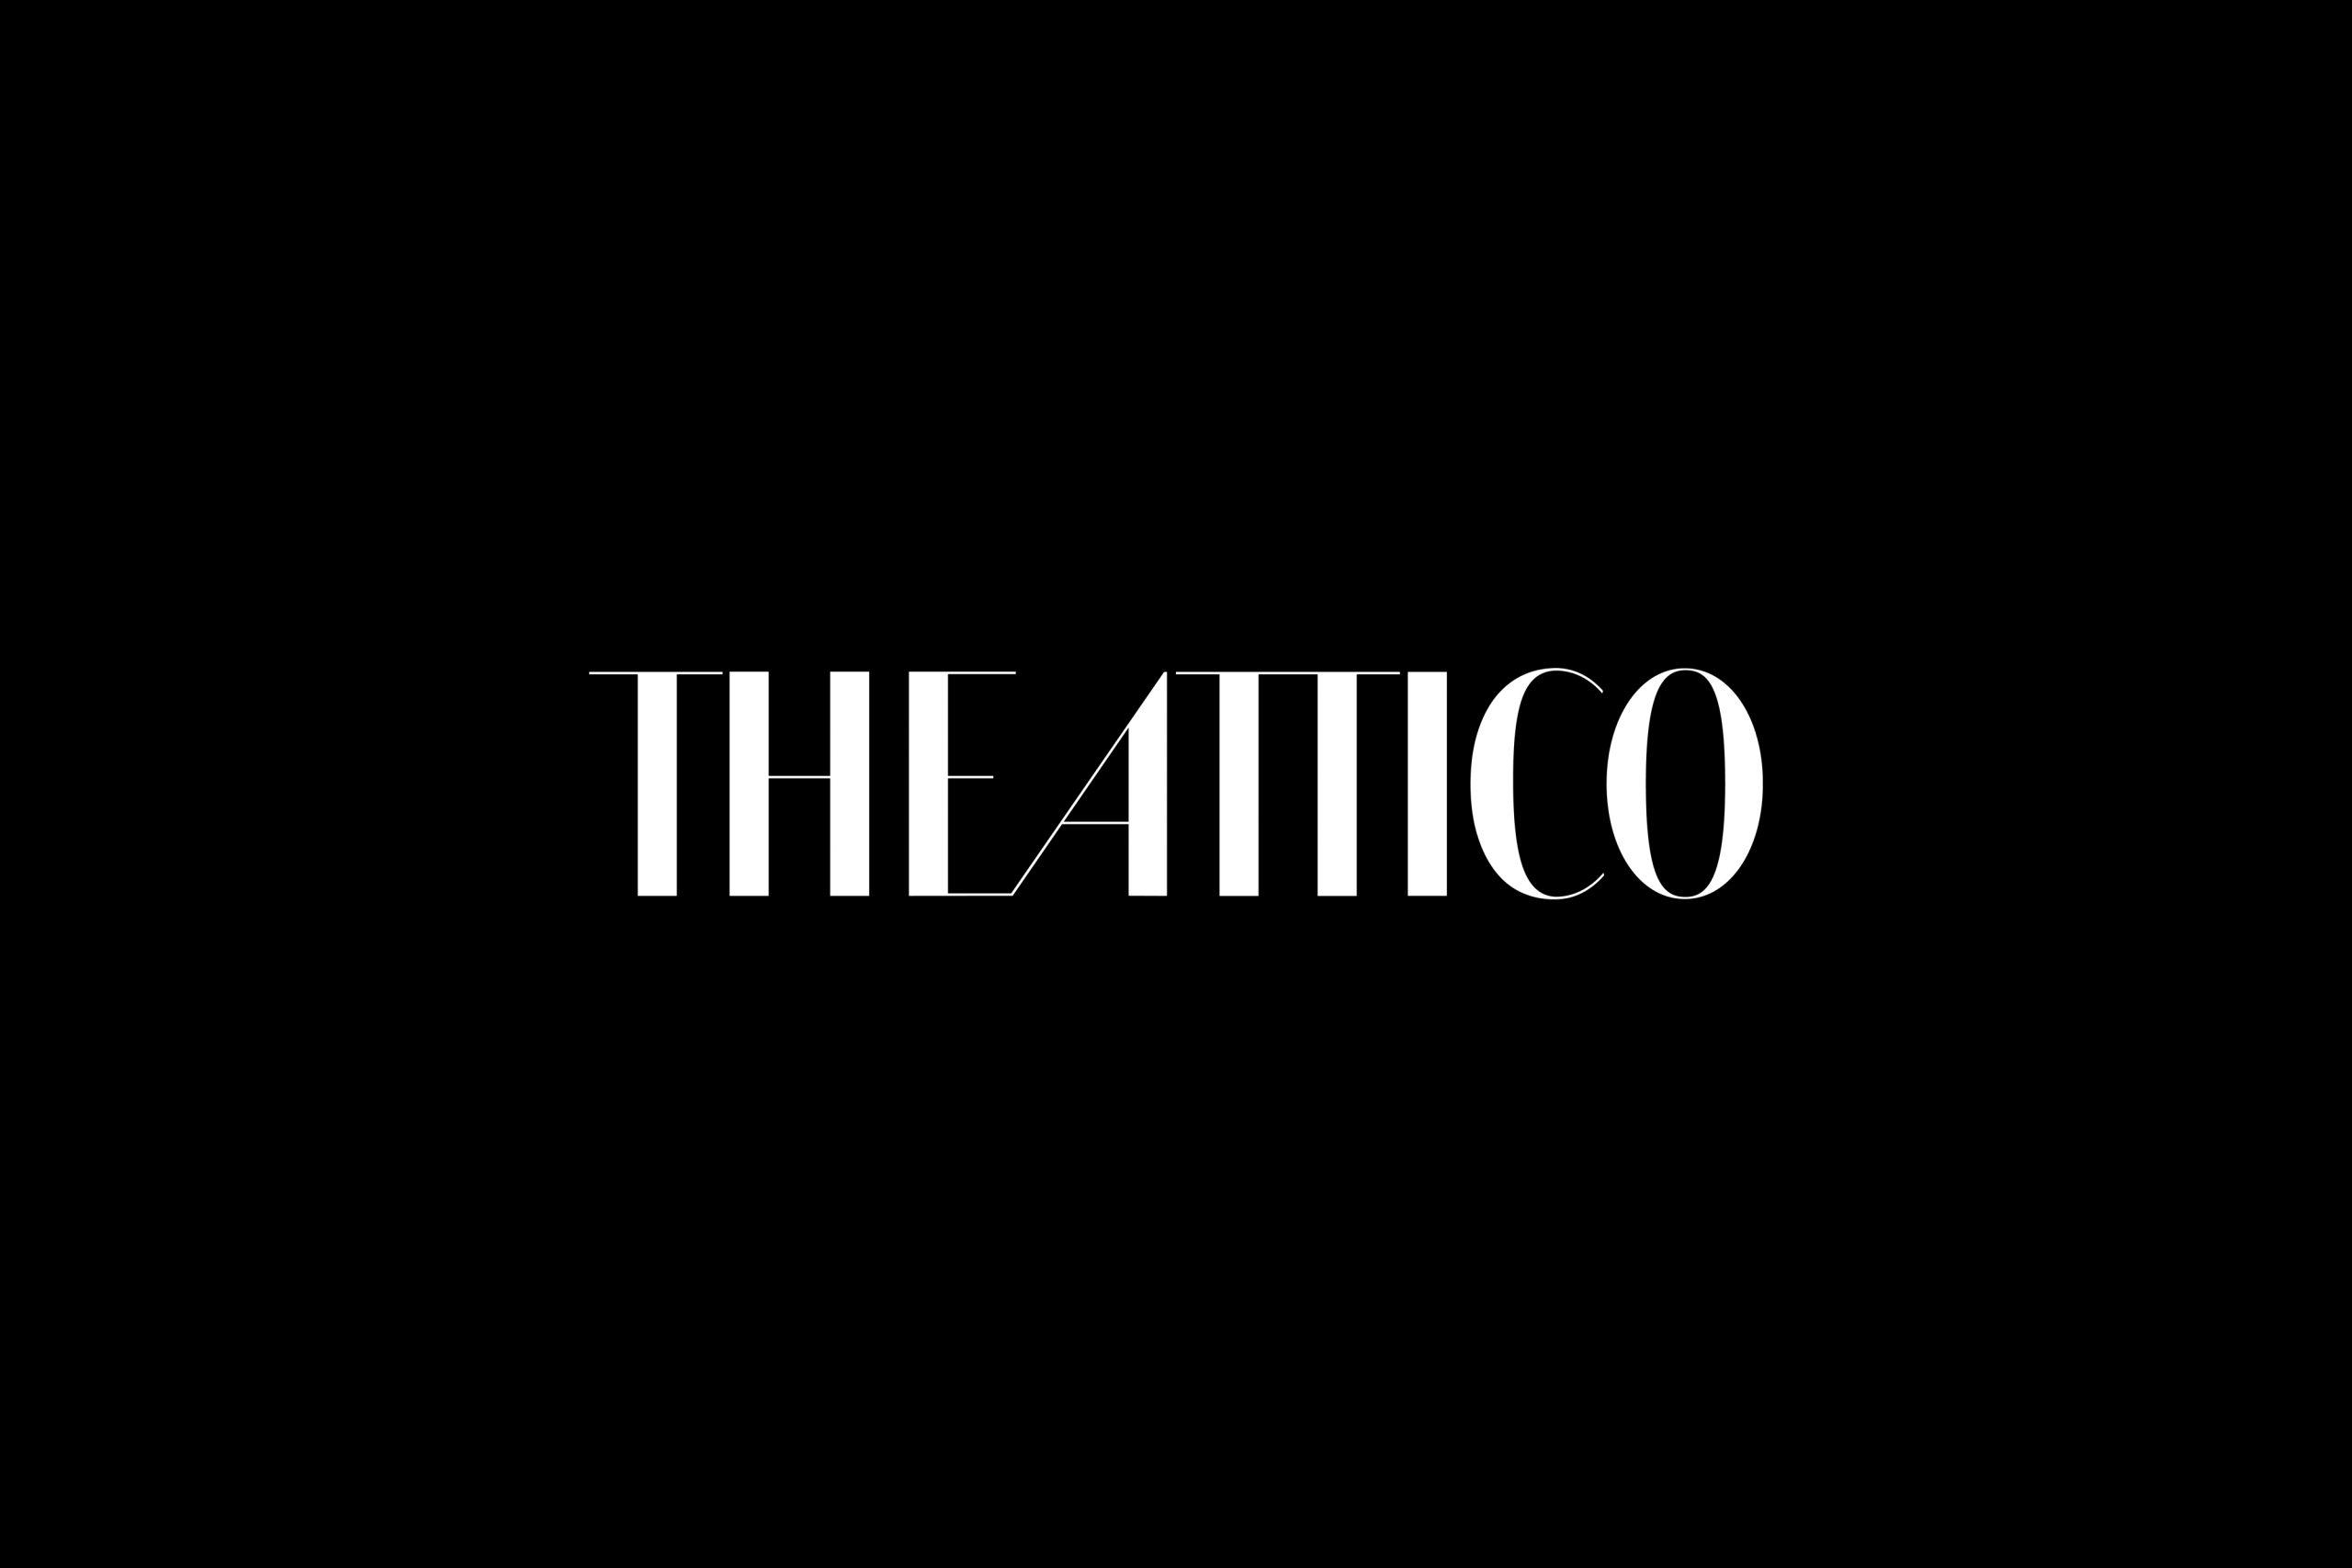 THE_ATTICO_BRANDING_01